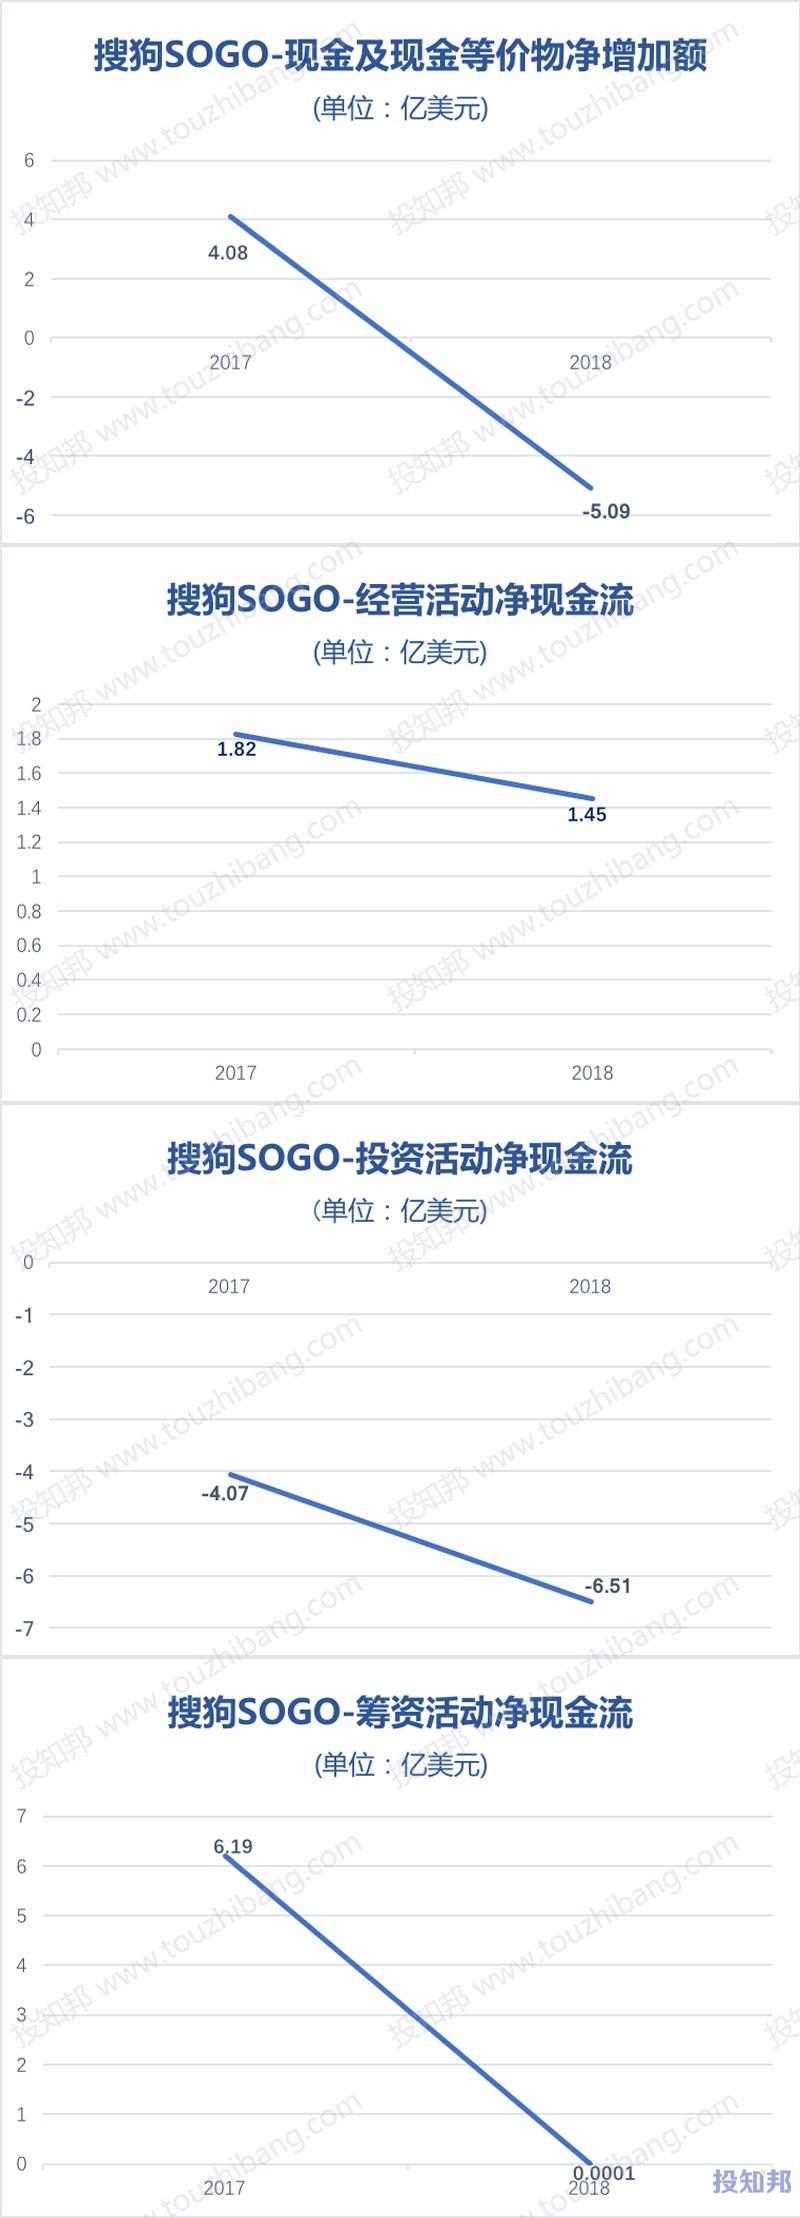 图解搜狗(SOGO)财报数据(2017~2018年)